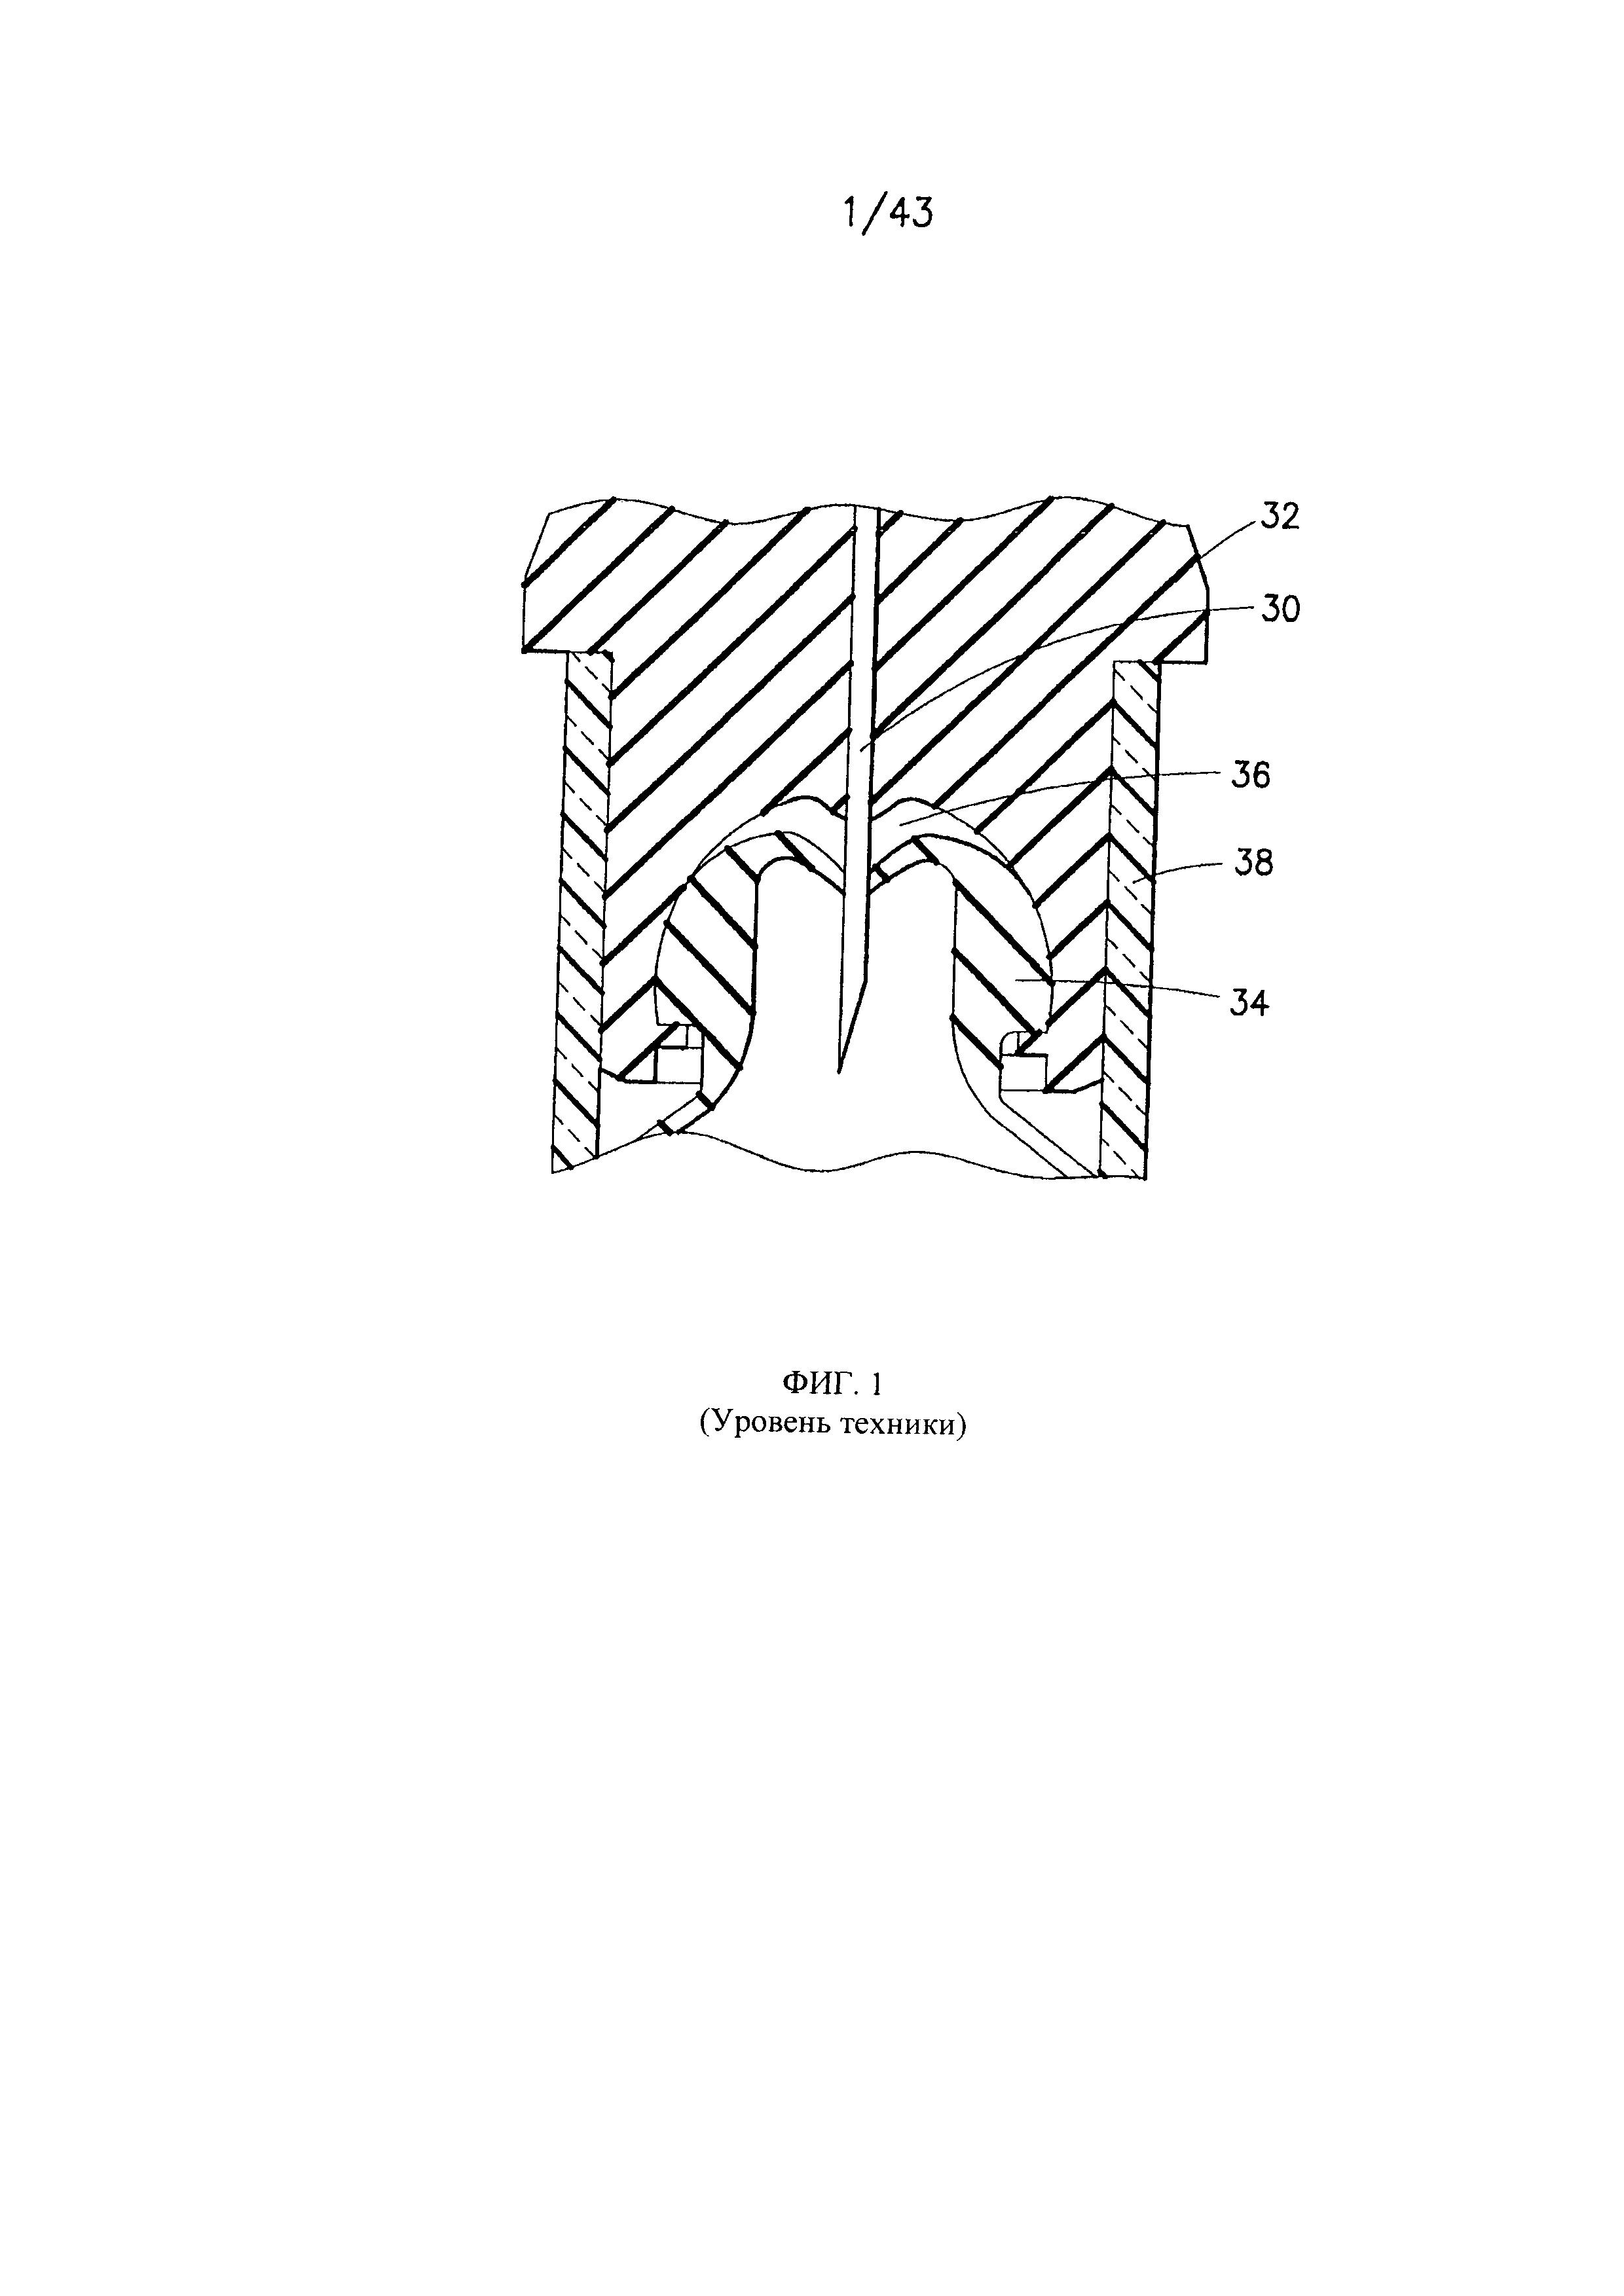 Устройство и узел для разделения жидкости на фазы с разными плотностями